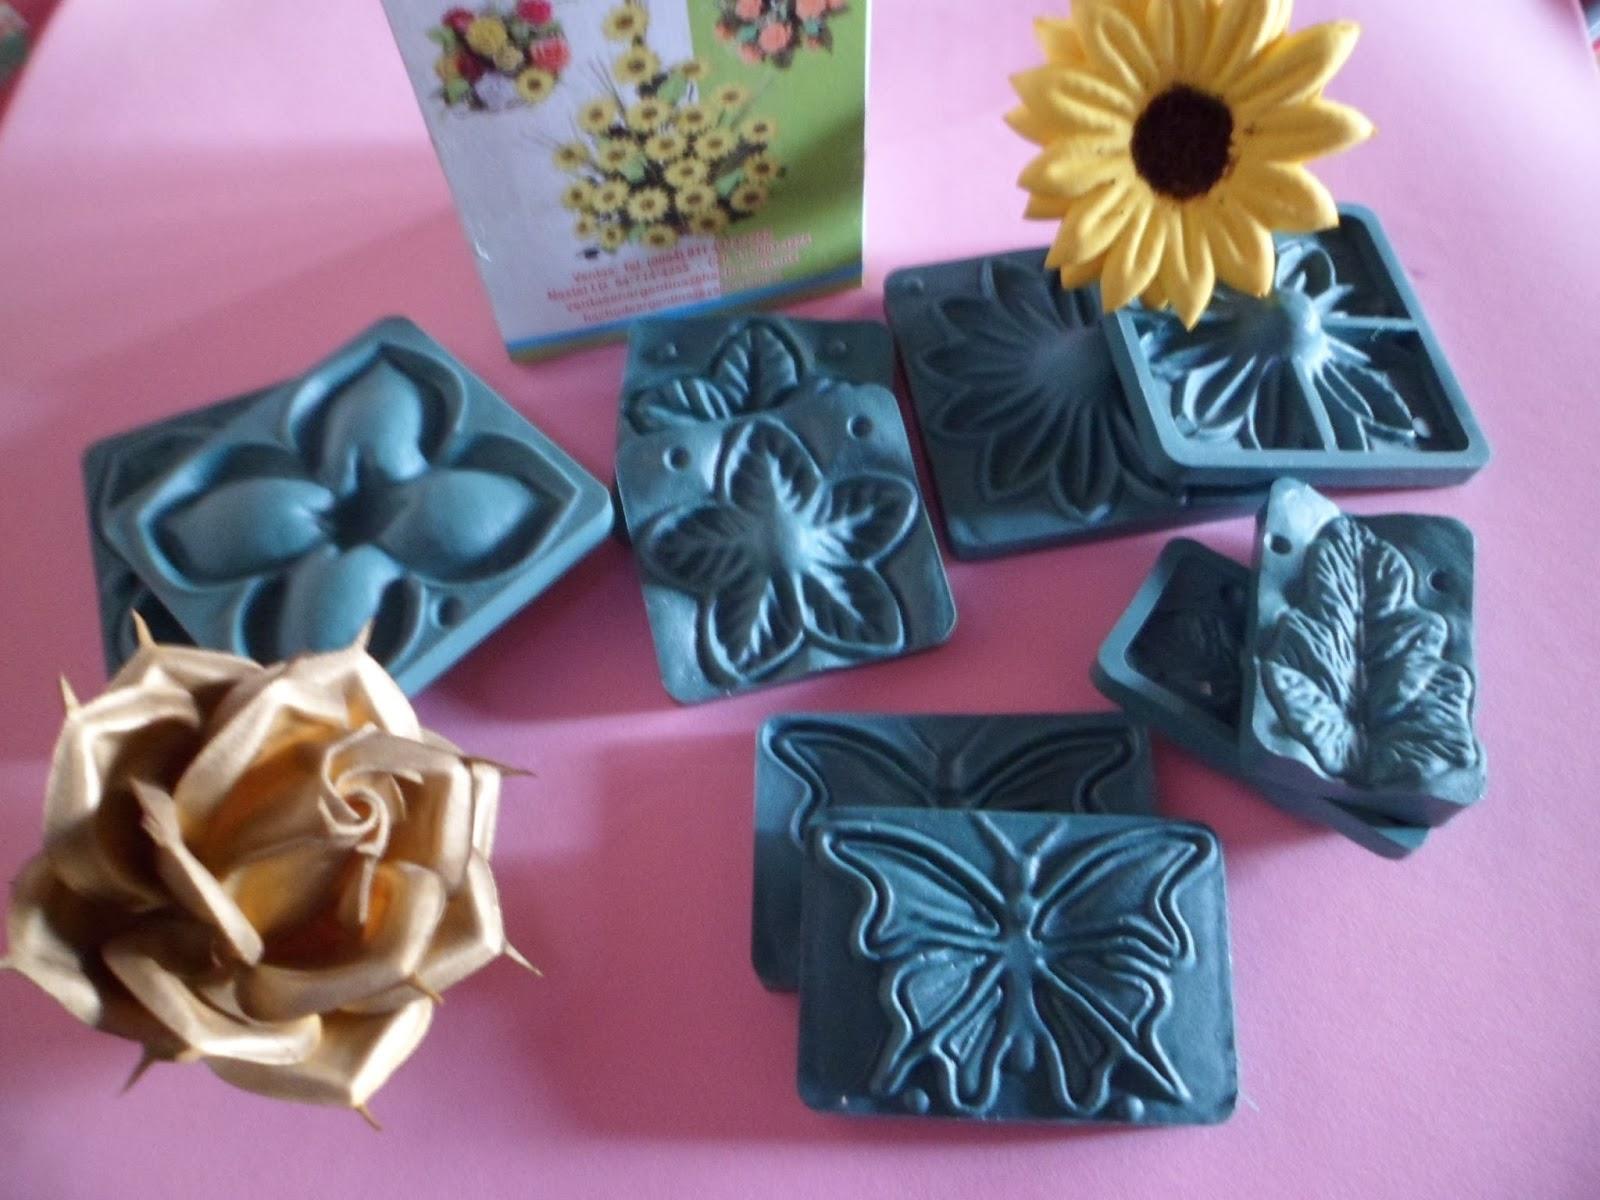 Imagenes de flores de foami Imagenes chidas para compartir - Imagenes De Flores Para Hacer En Foami